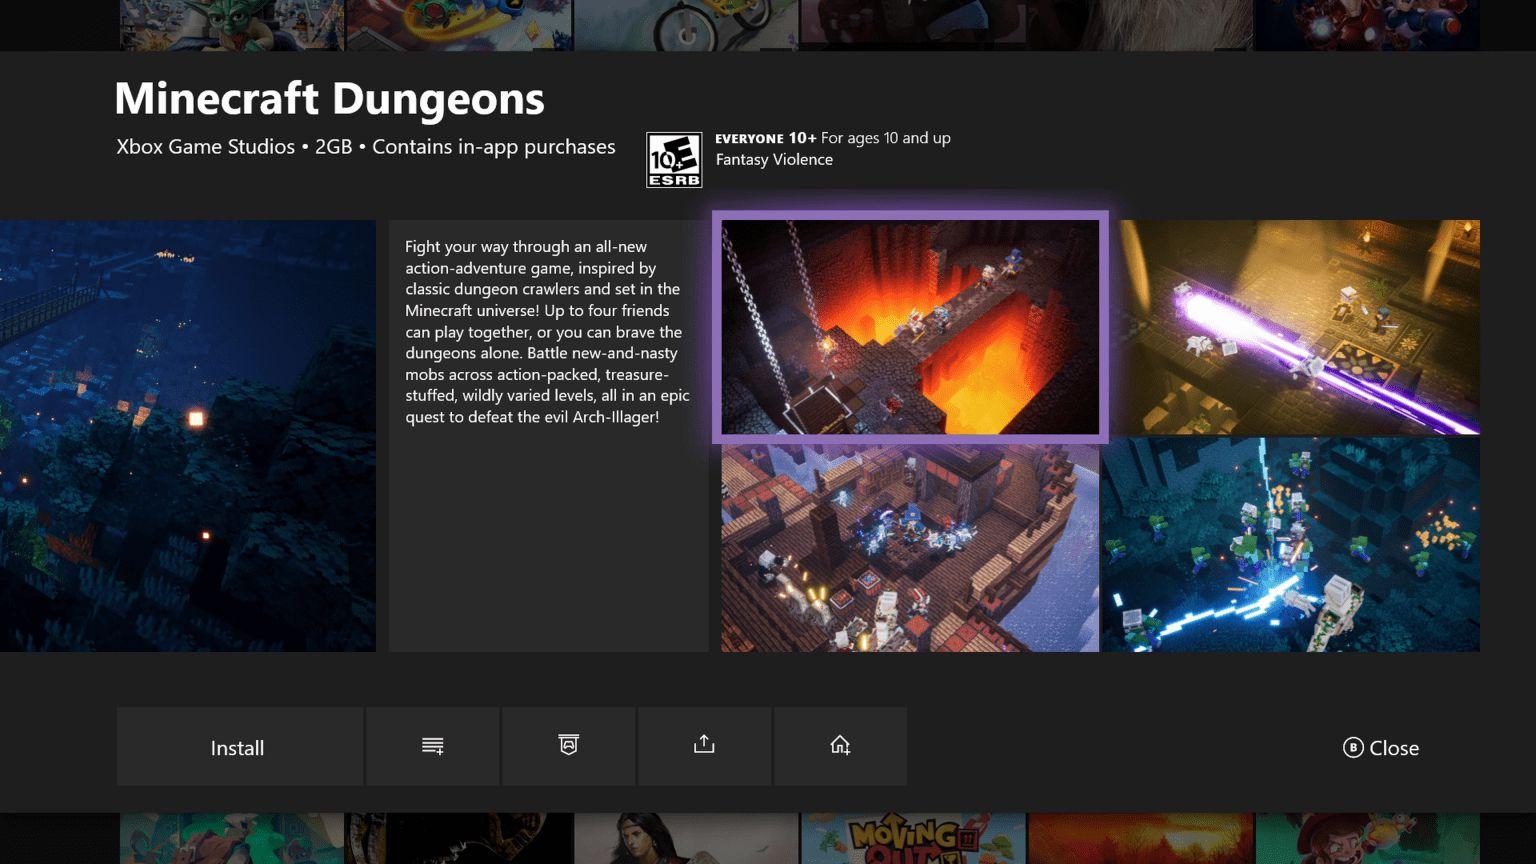 Minecraft Dungeons en la nueva tarjeta capturas de mis juegos y aplicaciones de la actualización de Insider de XBox One